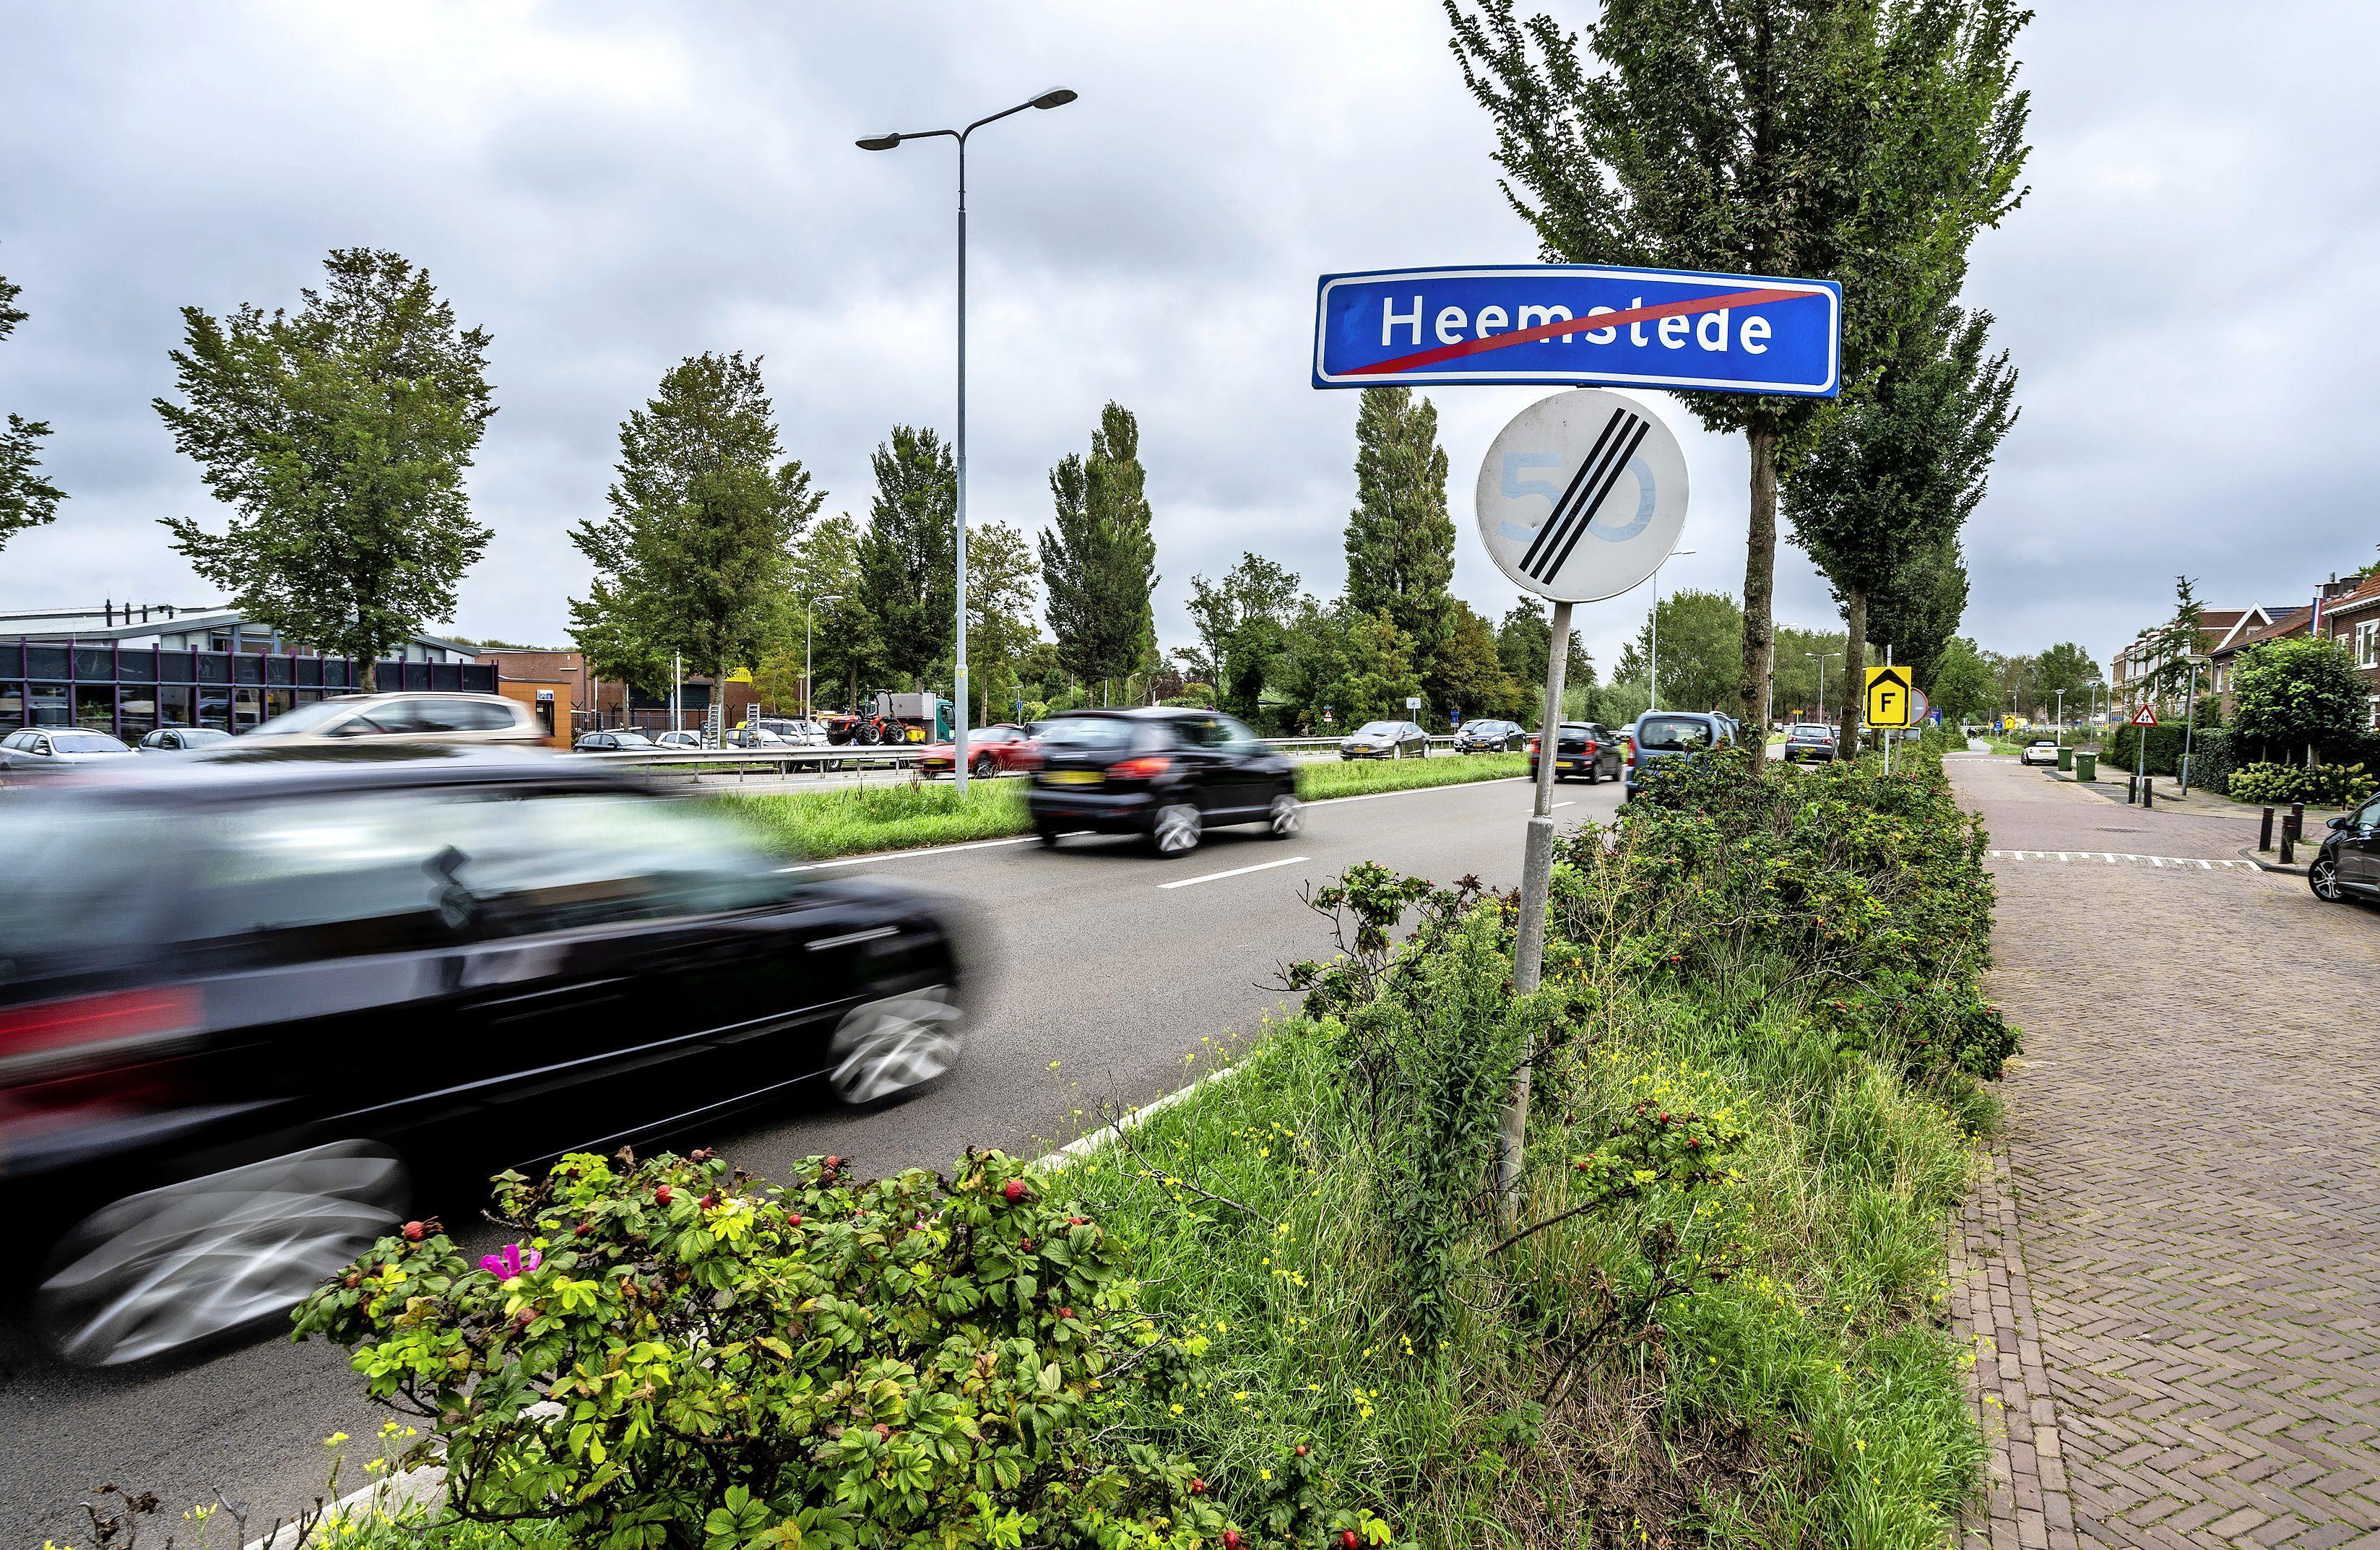 De verschuiving bebouwde kom Heemstede kost te veel geld, vinden VVD en CDA